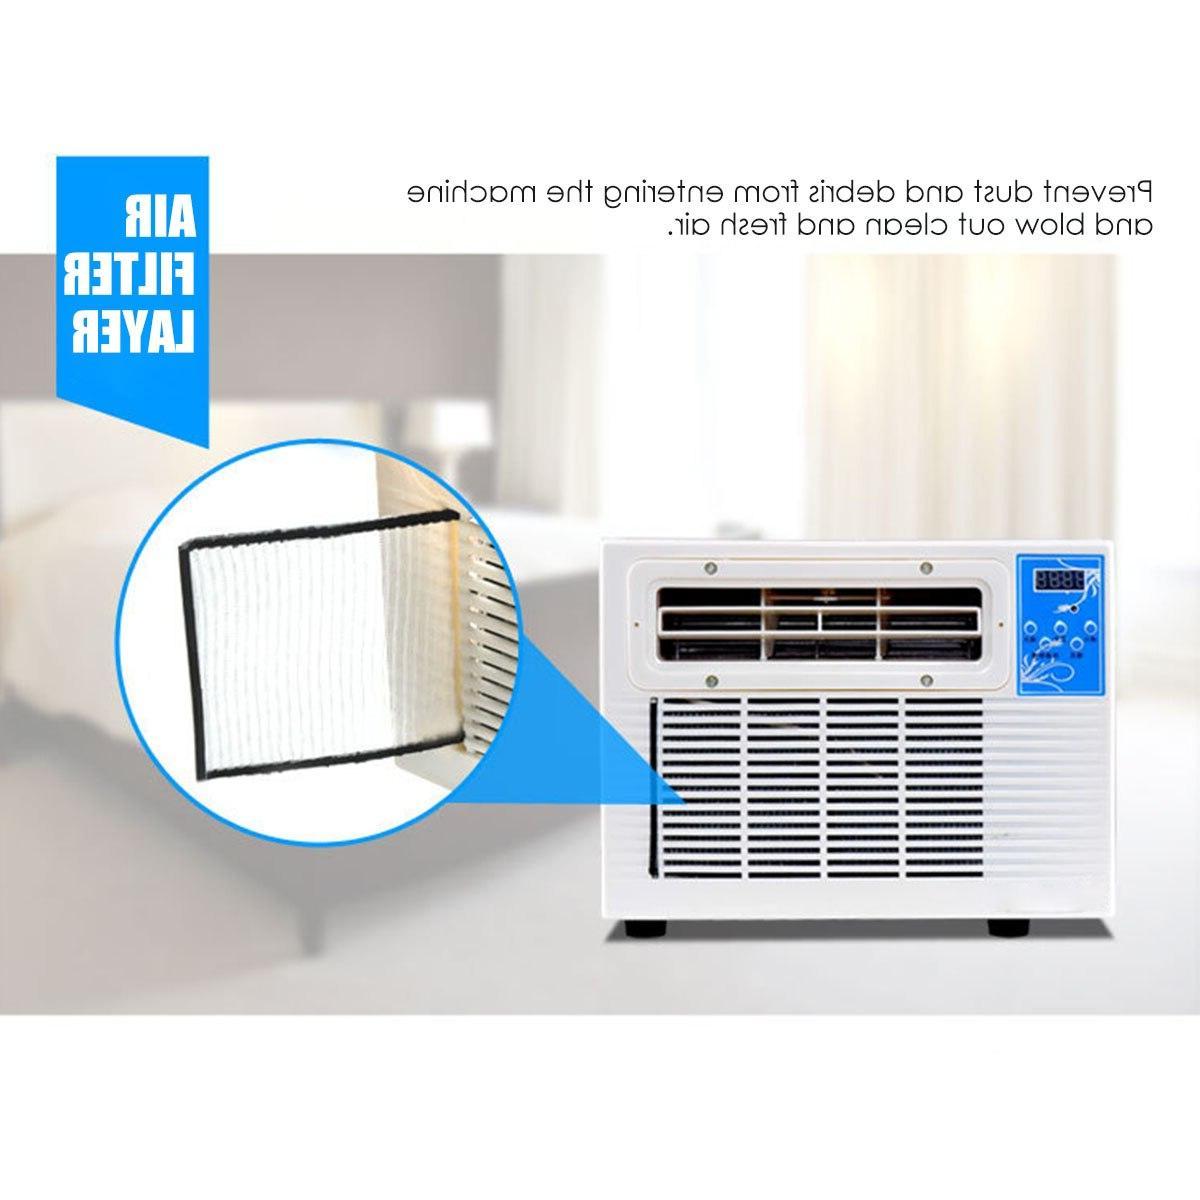 900W <font><b>Air</b></font> Window Desktop <font><b>Air</b></font> Cold/Heat Dual New